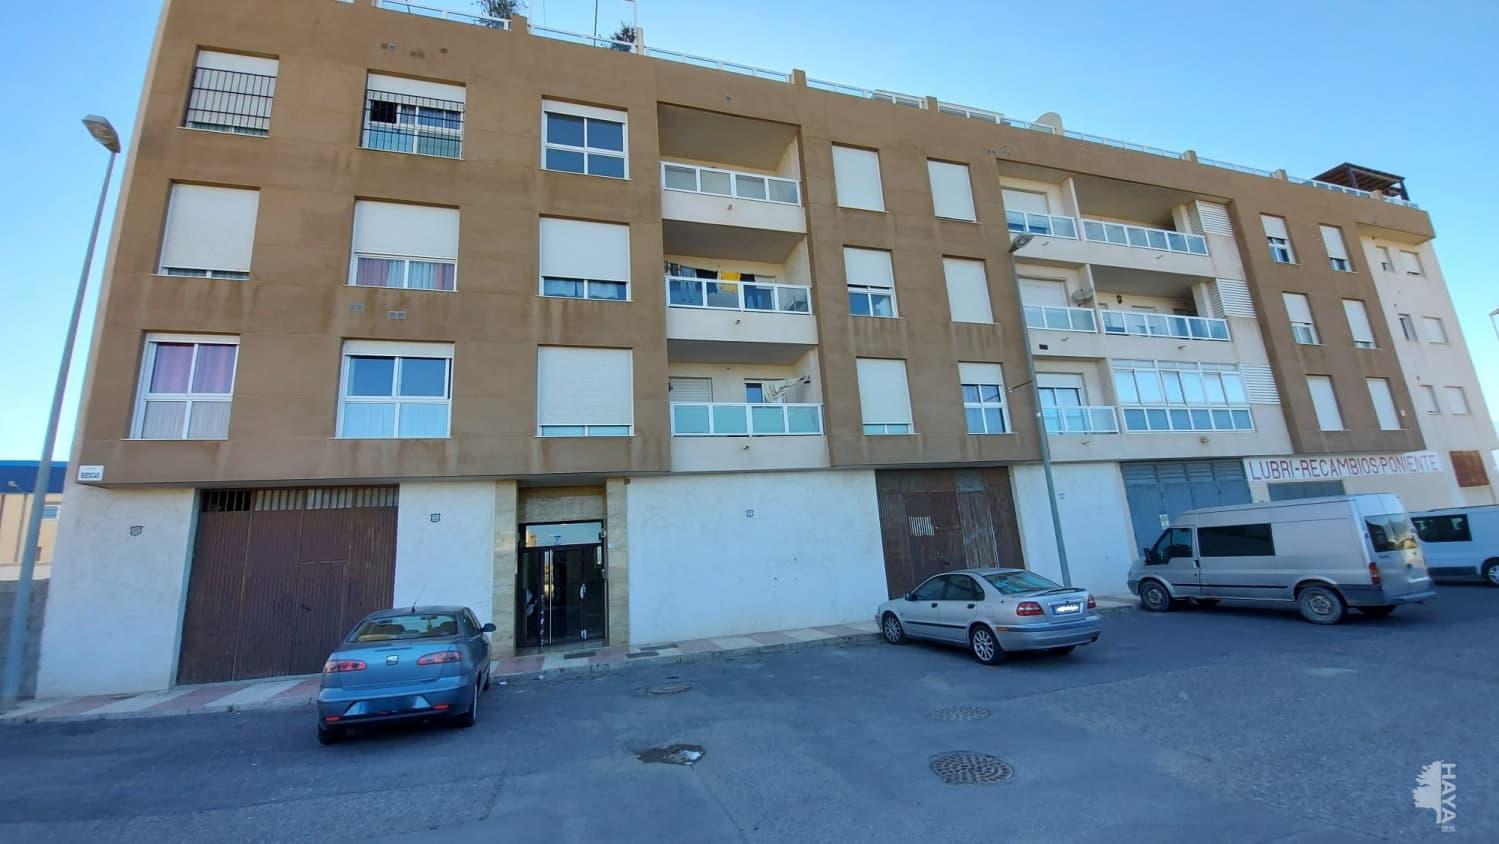 Piso en venta en Los Depósitos, Roquetas de Mar, Almería, Calle Biescas, 78.000 €, 3 habitaciones, 1 baño, 97 m2